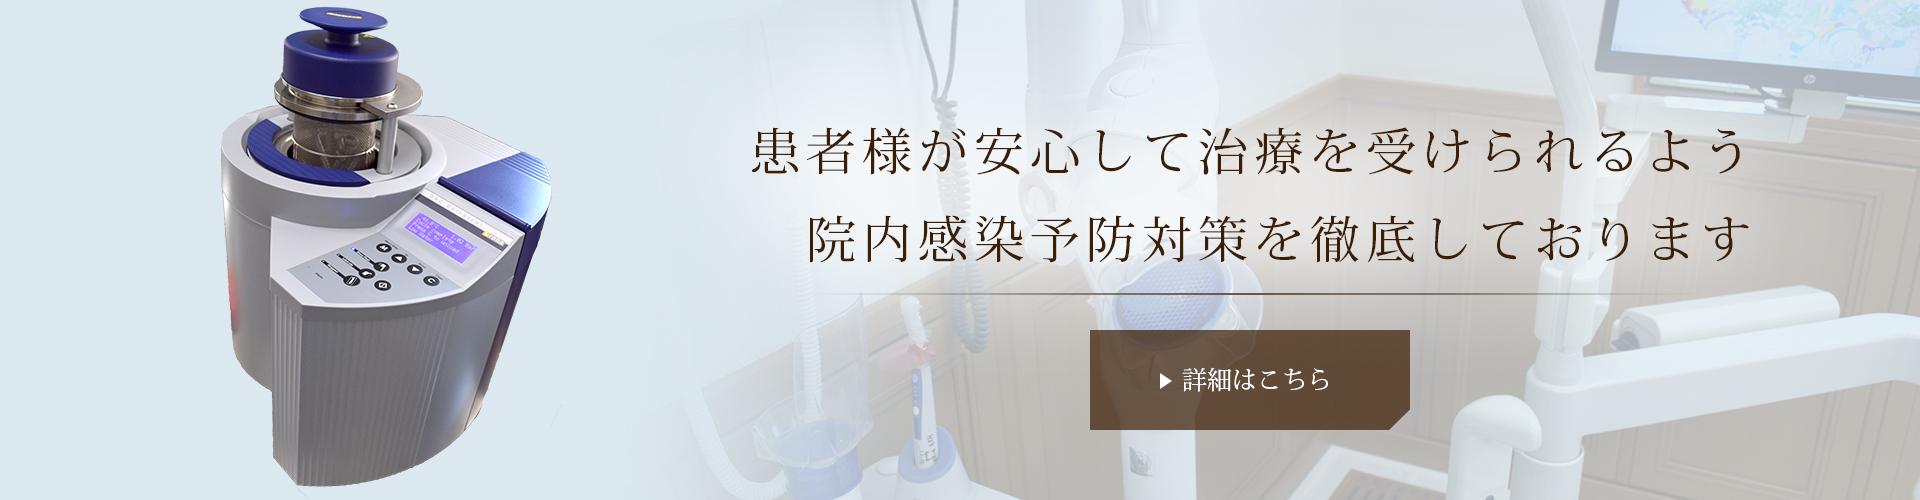 患者様が安心して治療を受けられるよう 院内感染予防対策を徹底しております。